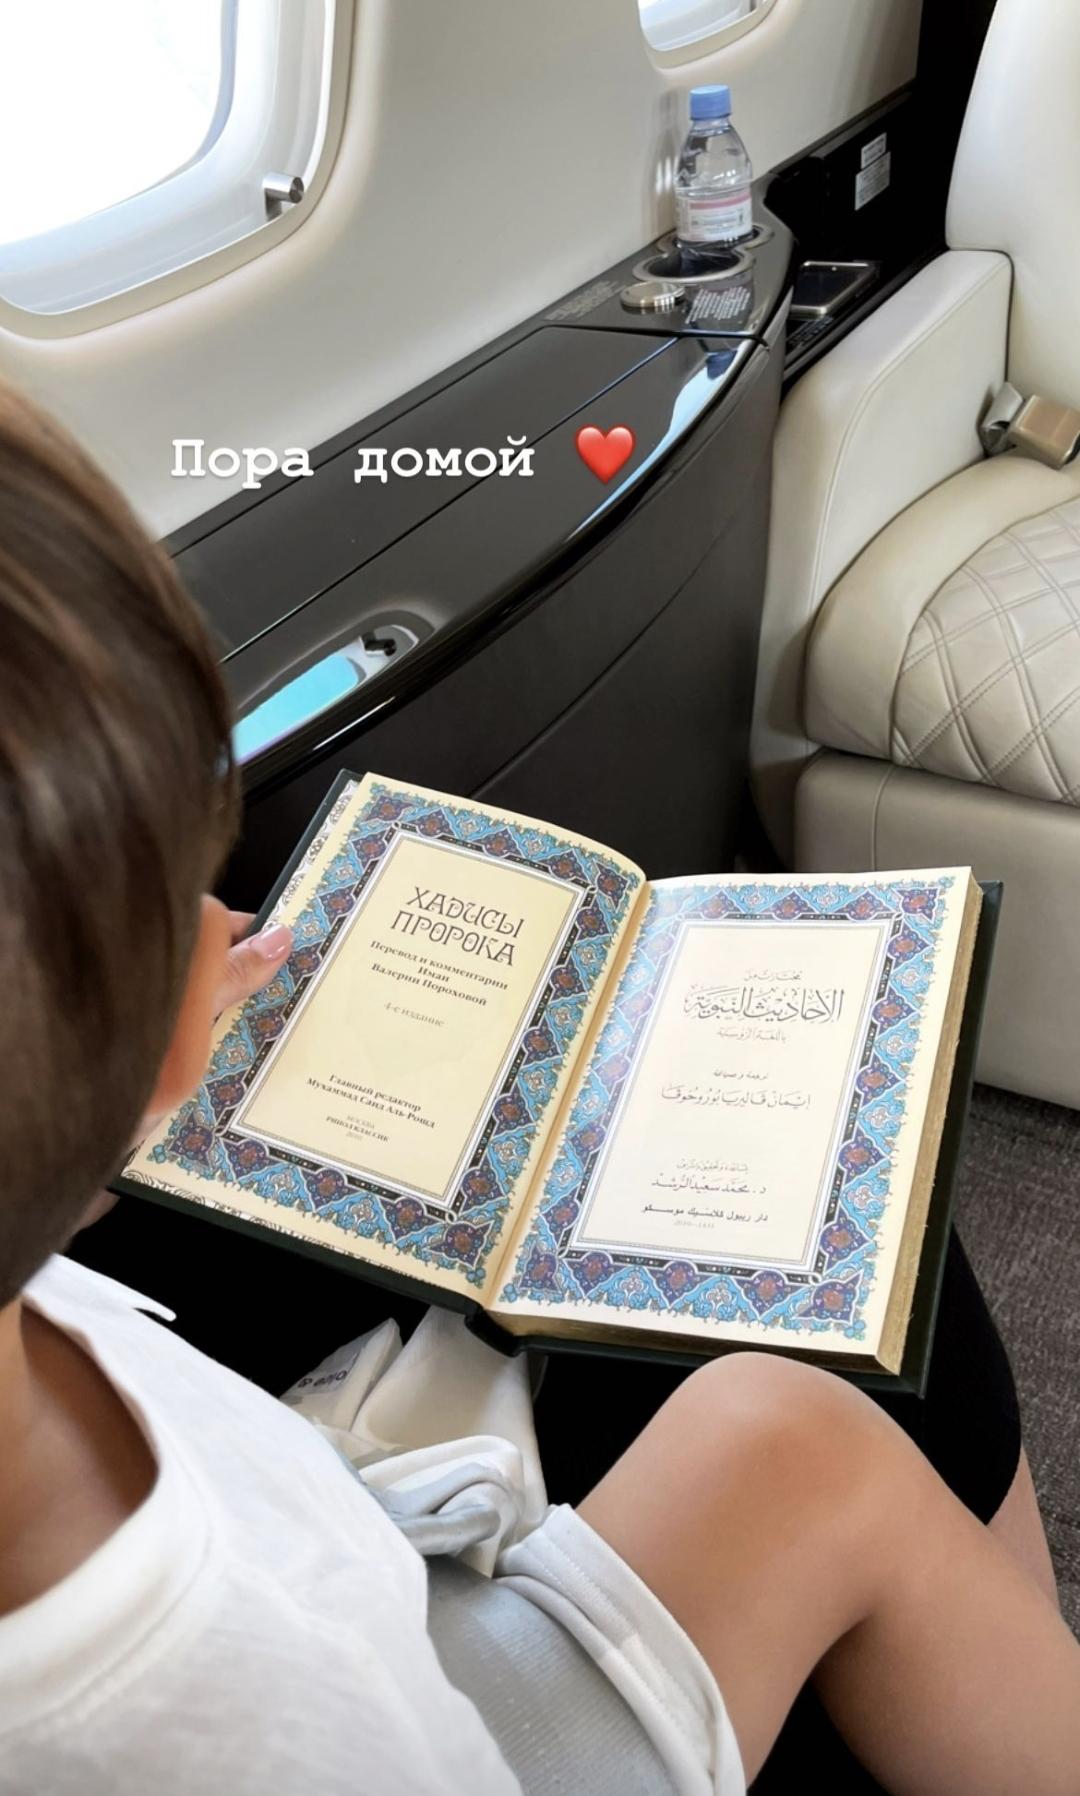 Анастасия Решетова дала старт новому бизнесу и вернулась к чтению хадисов пророка